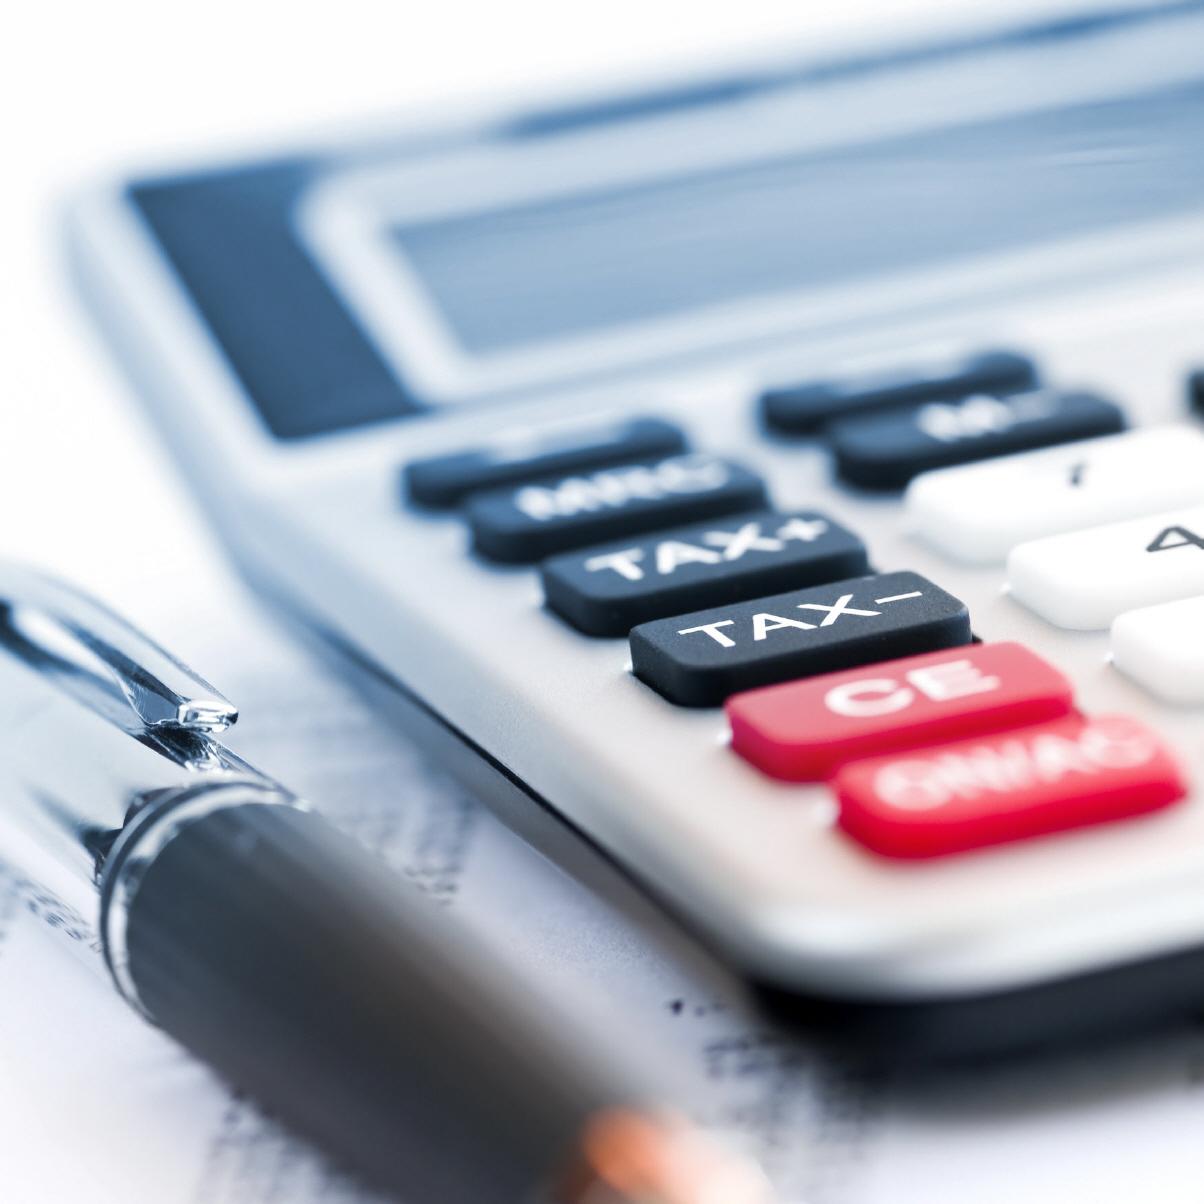 1с-предприятие - стандартные вычеты из заработной платы: